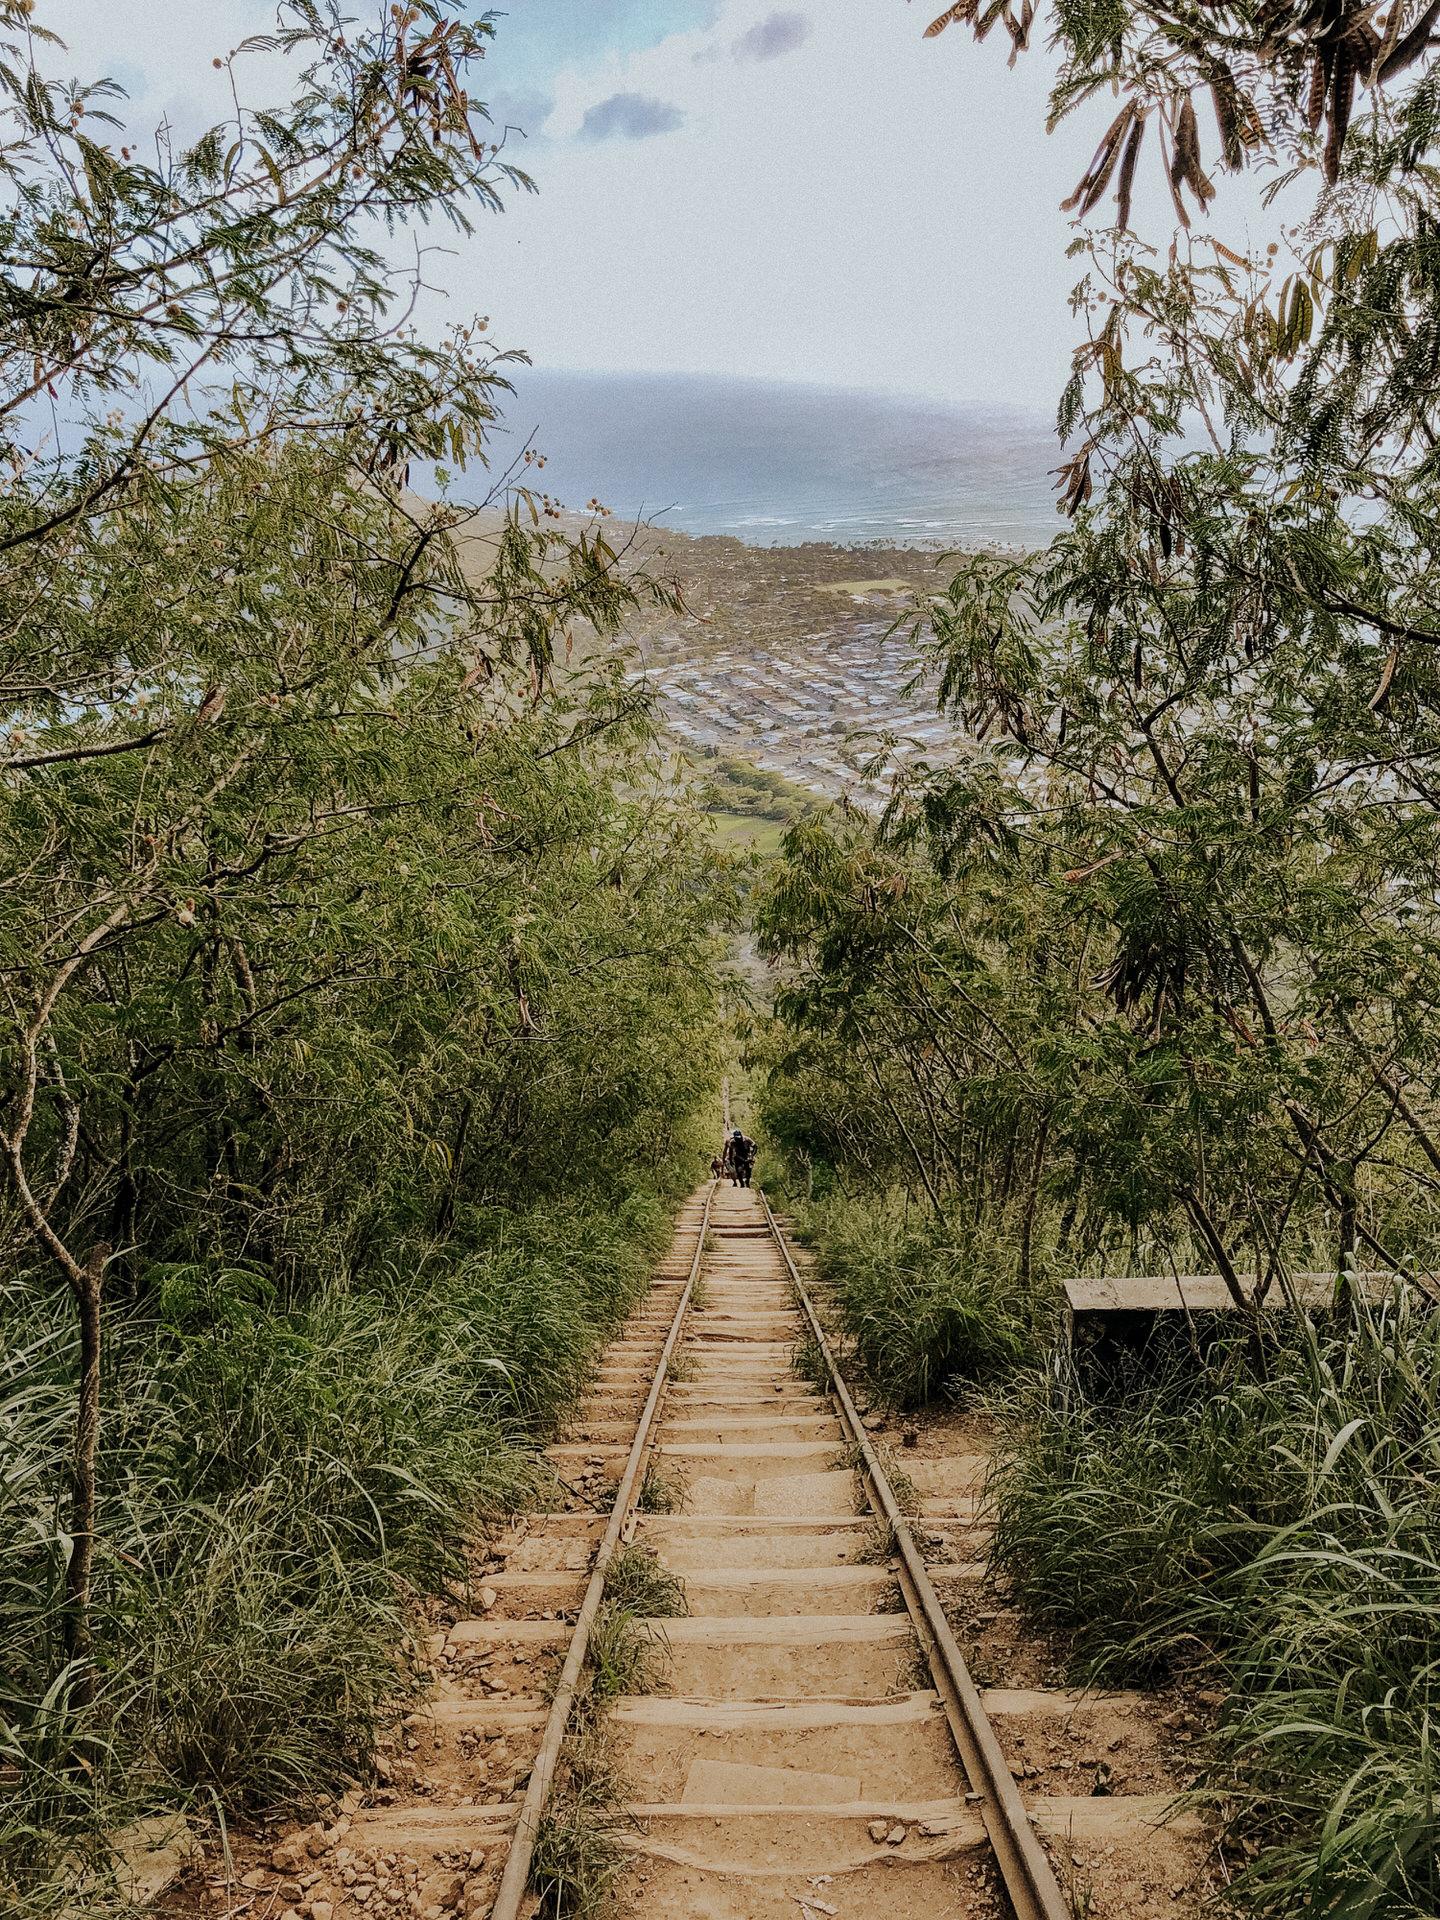 koko-crater-trail-oahu-hawai-8053